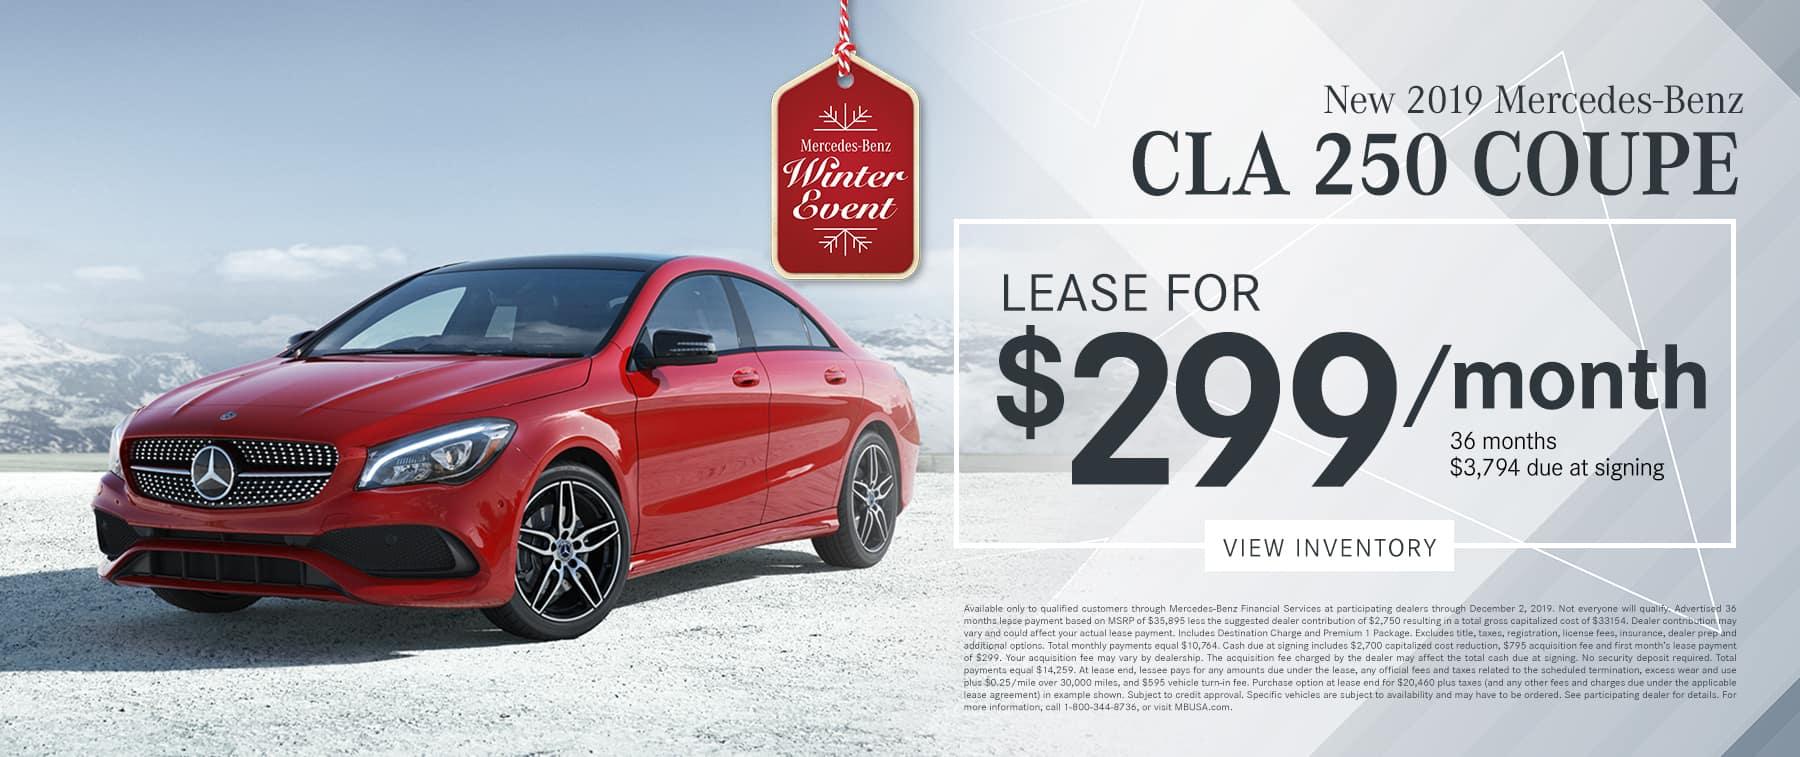 2019 CLA 250 LEASE FOR $299/MO.